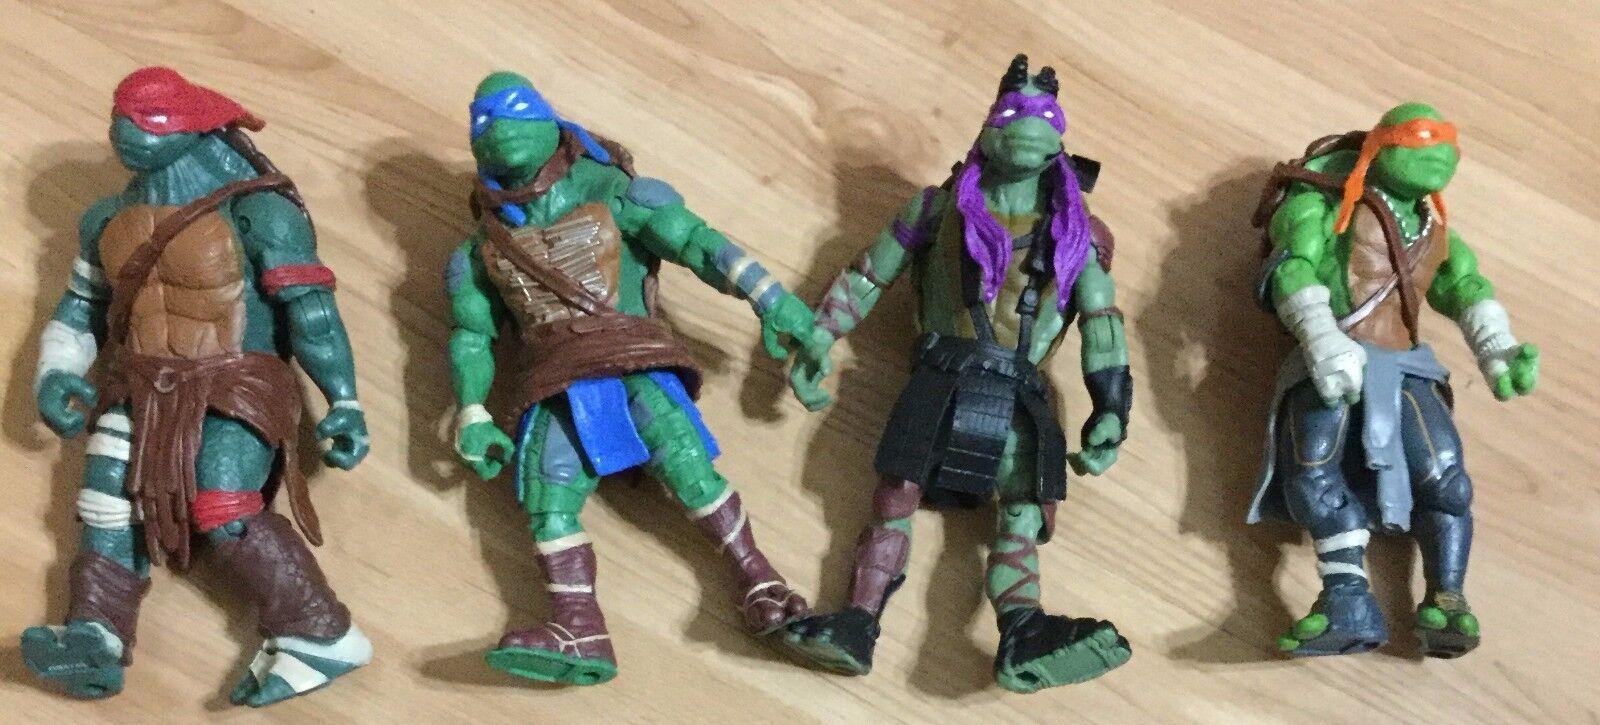 Playmates 2014 Teenage Mutant Ninja Turtles Movie Movie Movie Action Figures by Viacom 0371f7